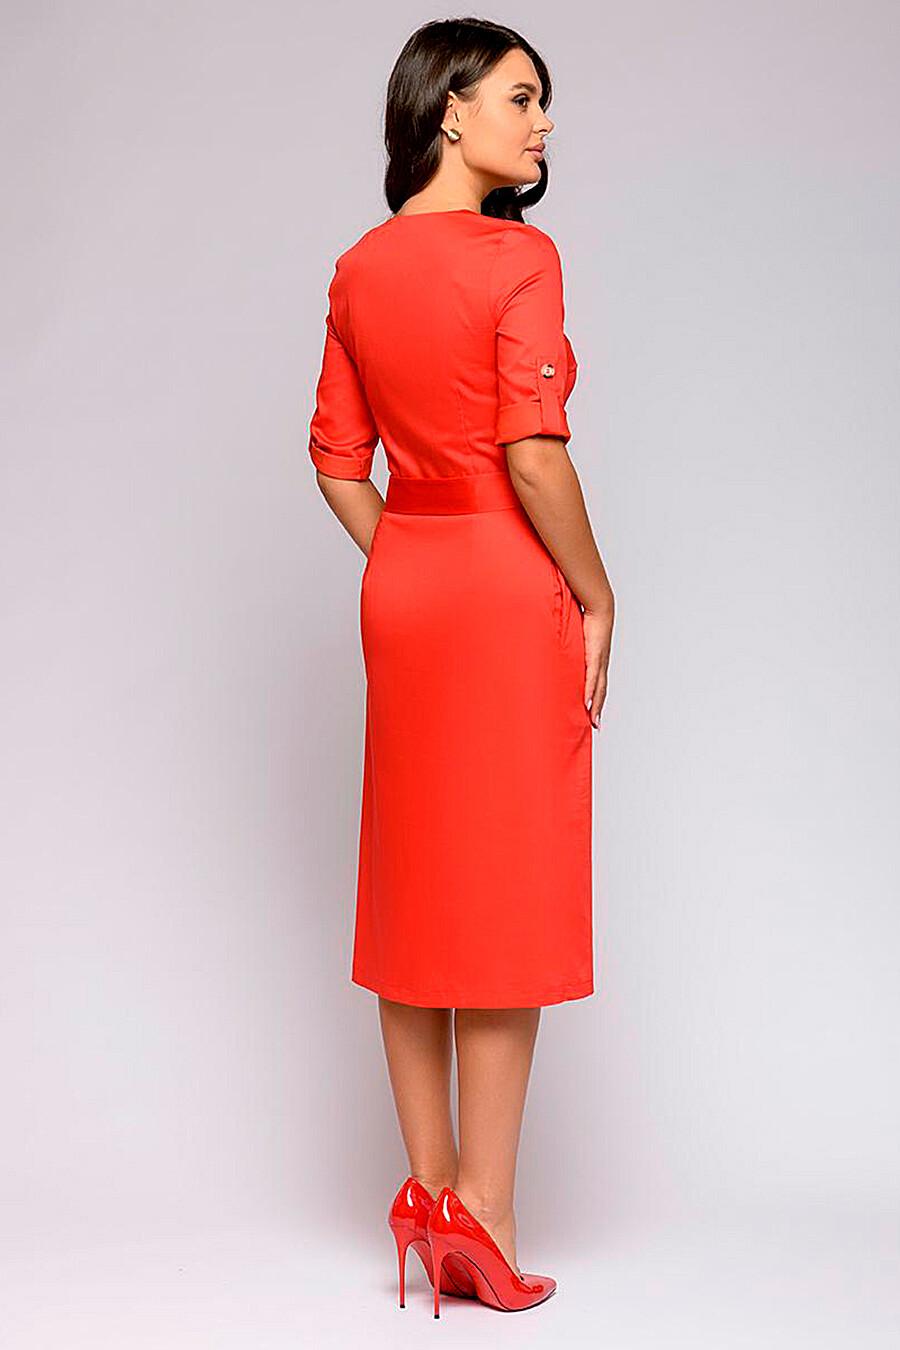 Платье для женщин 1001 DRESS 239549 купить оптом от производителя. Совместная покупка женской одежды в OptMoyo